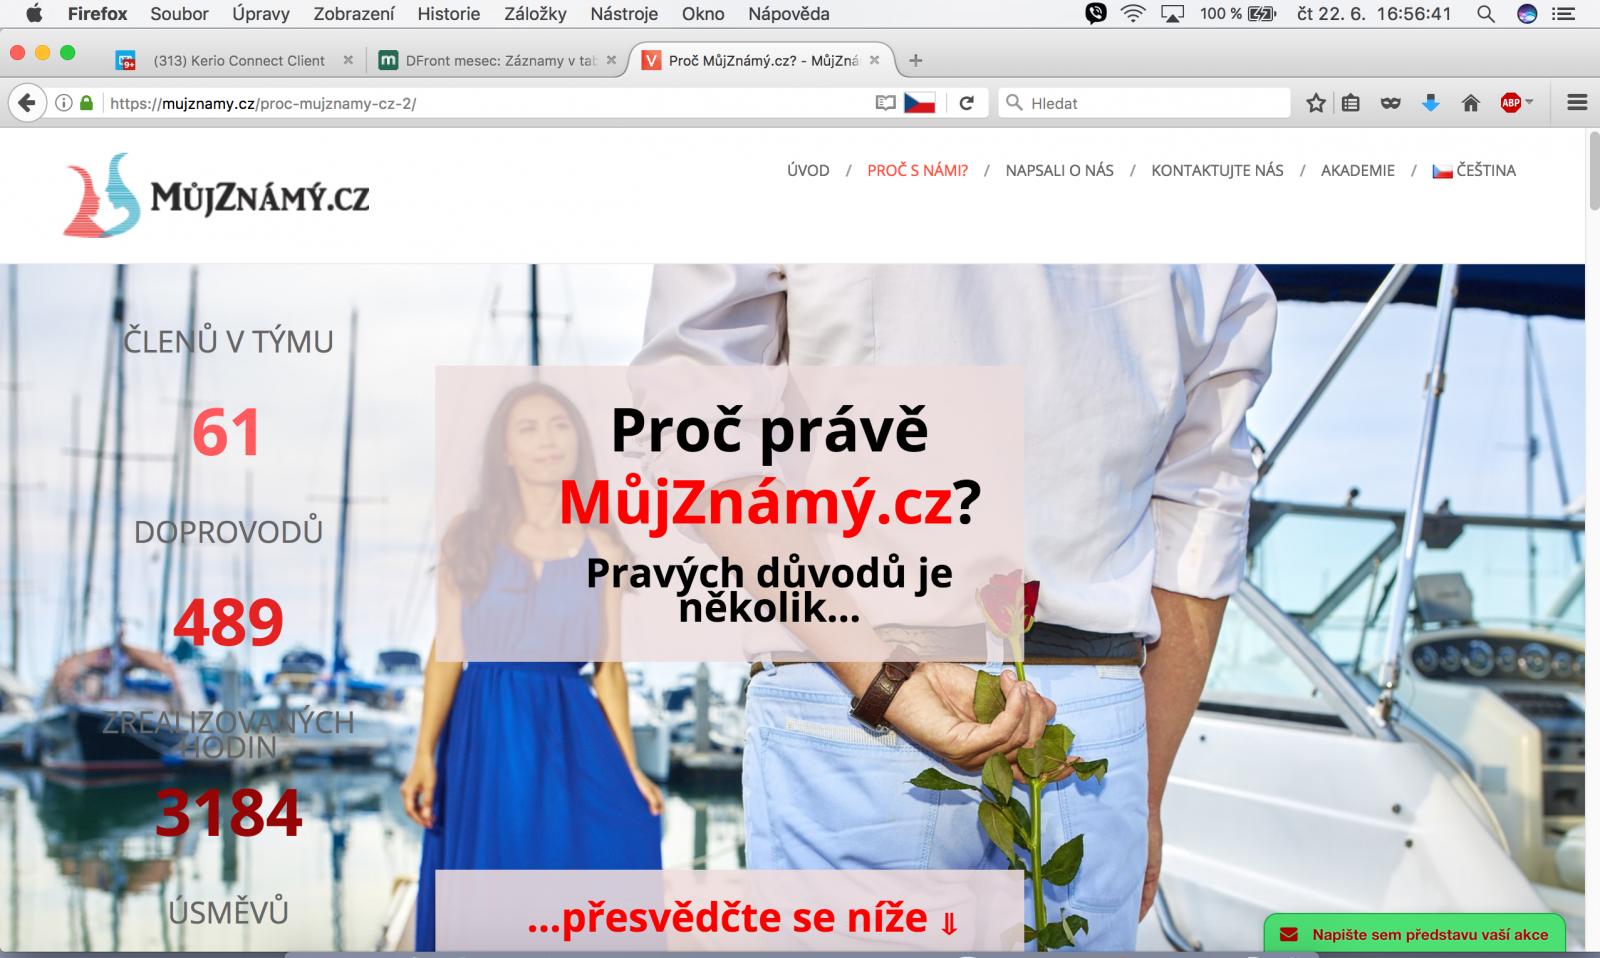 MujZnamy.cz